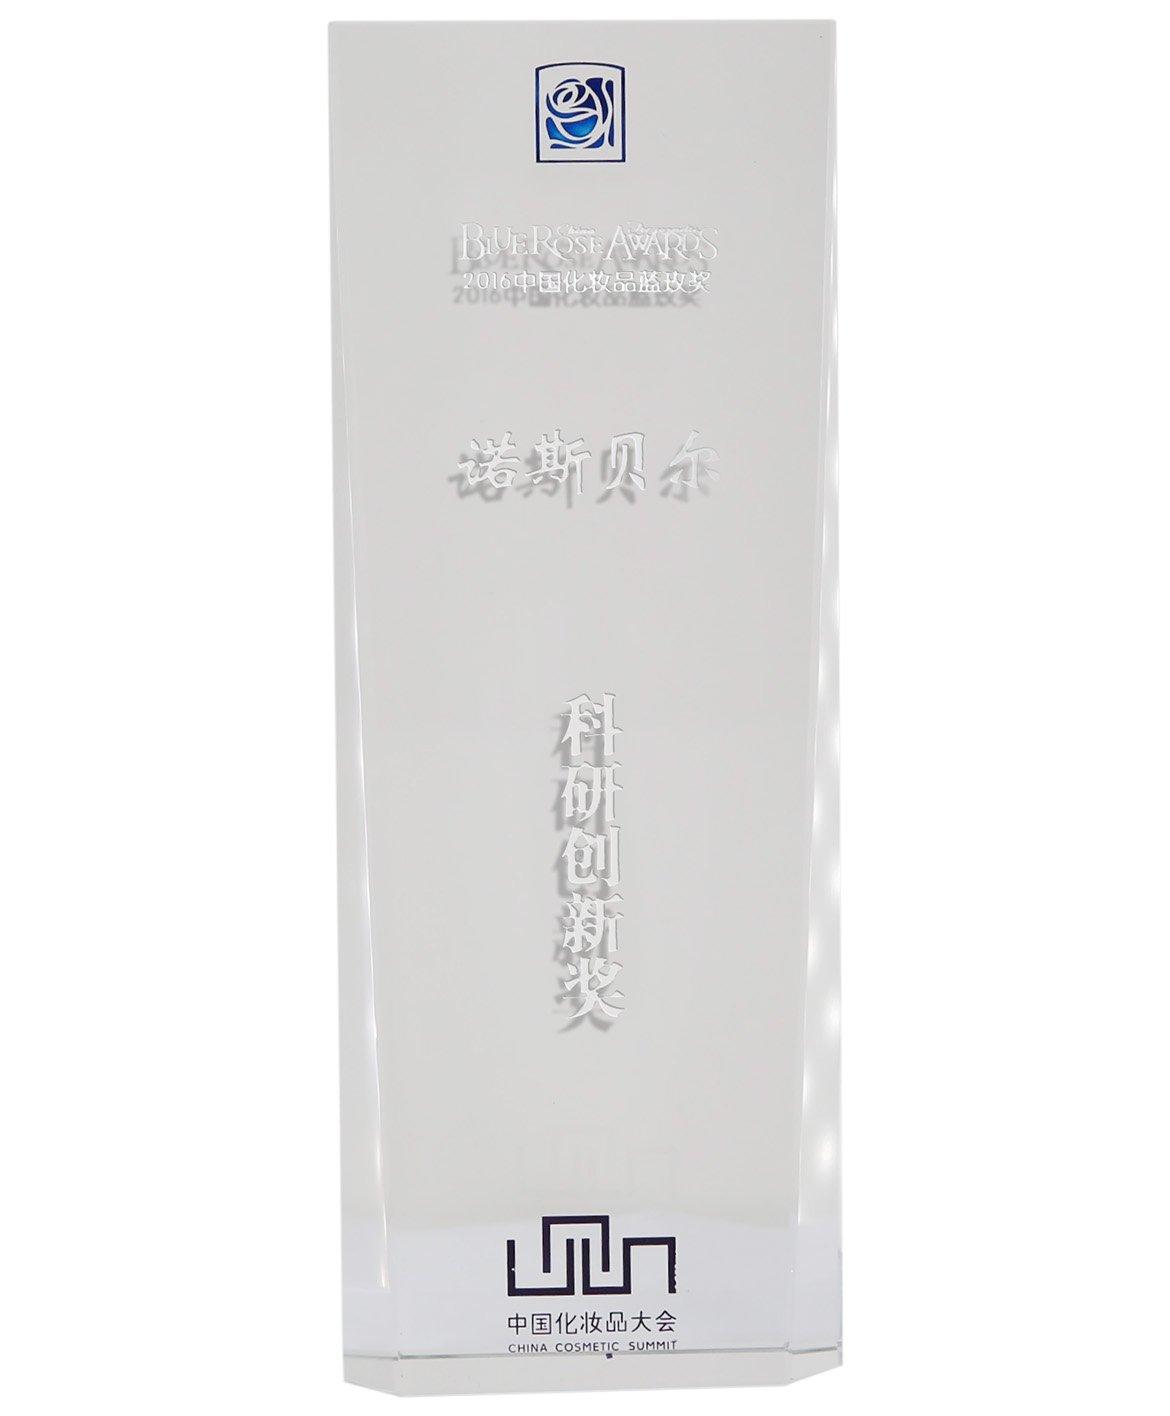 2016中国化妆品蓝玫奖-科研创新奖2